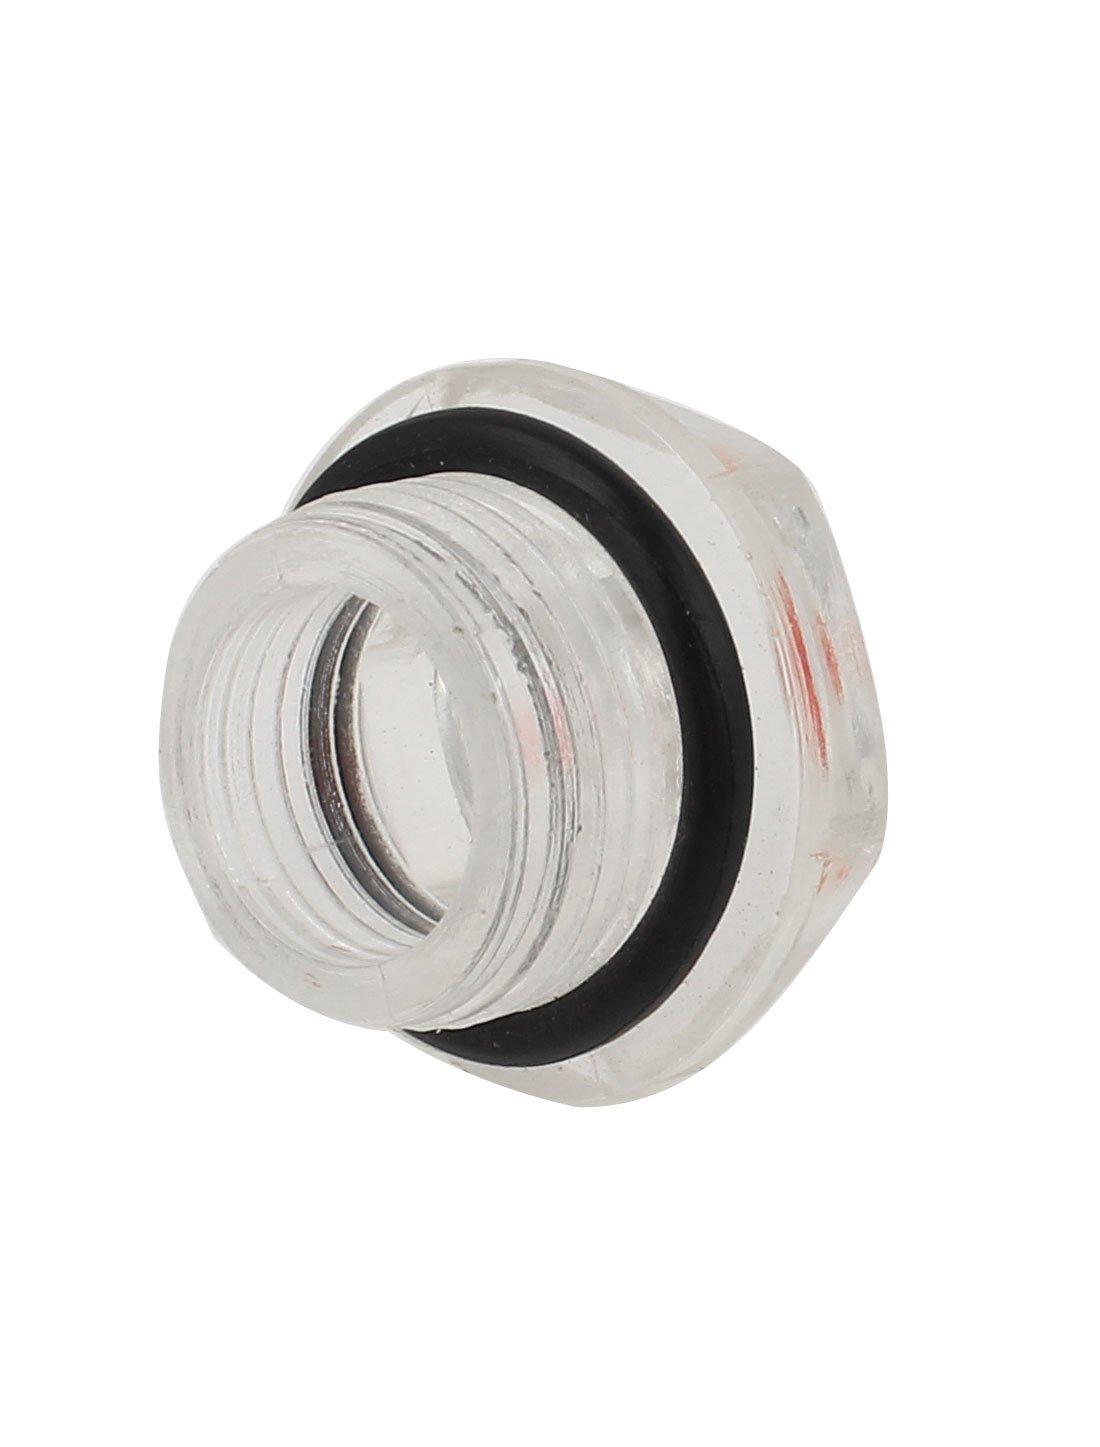 Sourcingmap a14080400ux0301 - De 20 mm de diámetro nivel de aceite del compresor de aire de rosca macho visor de líquido: Amazon.es: Bricolaje y ...